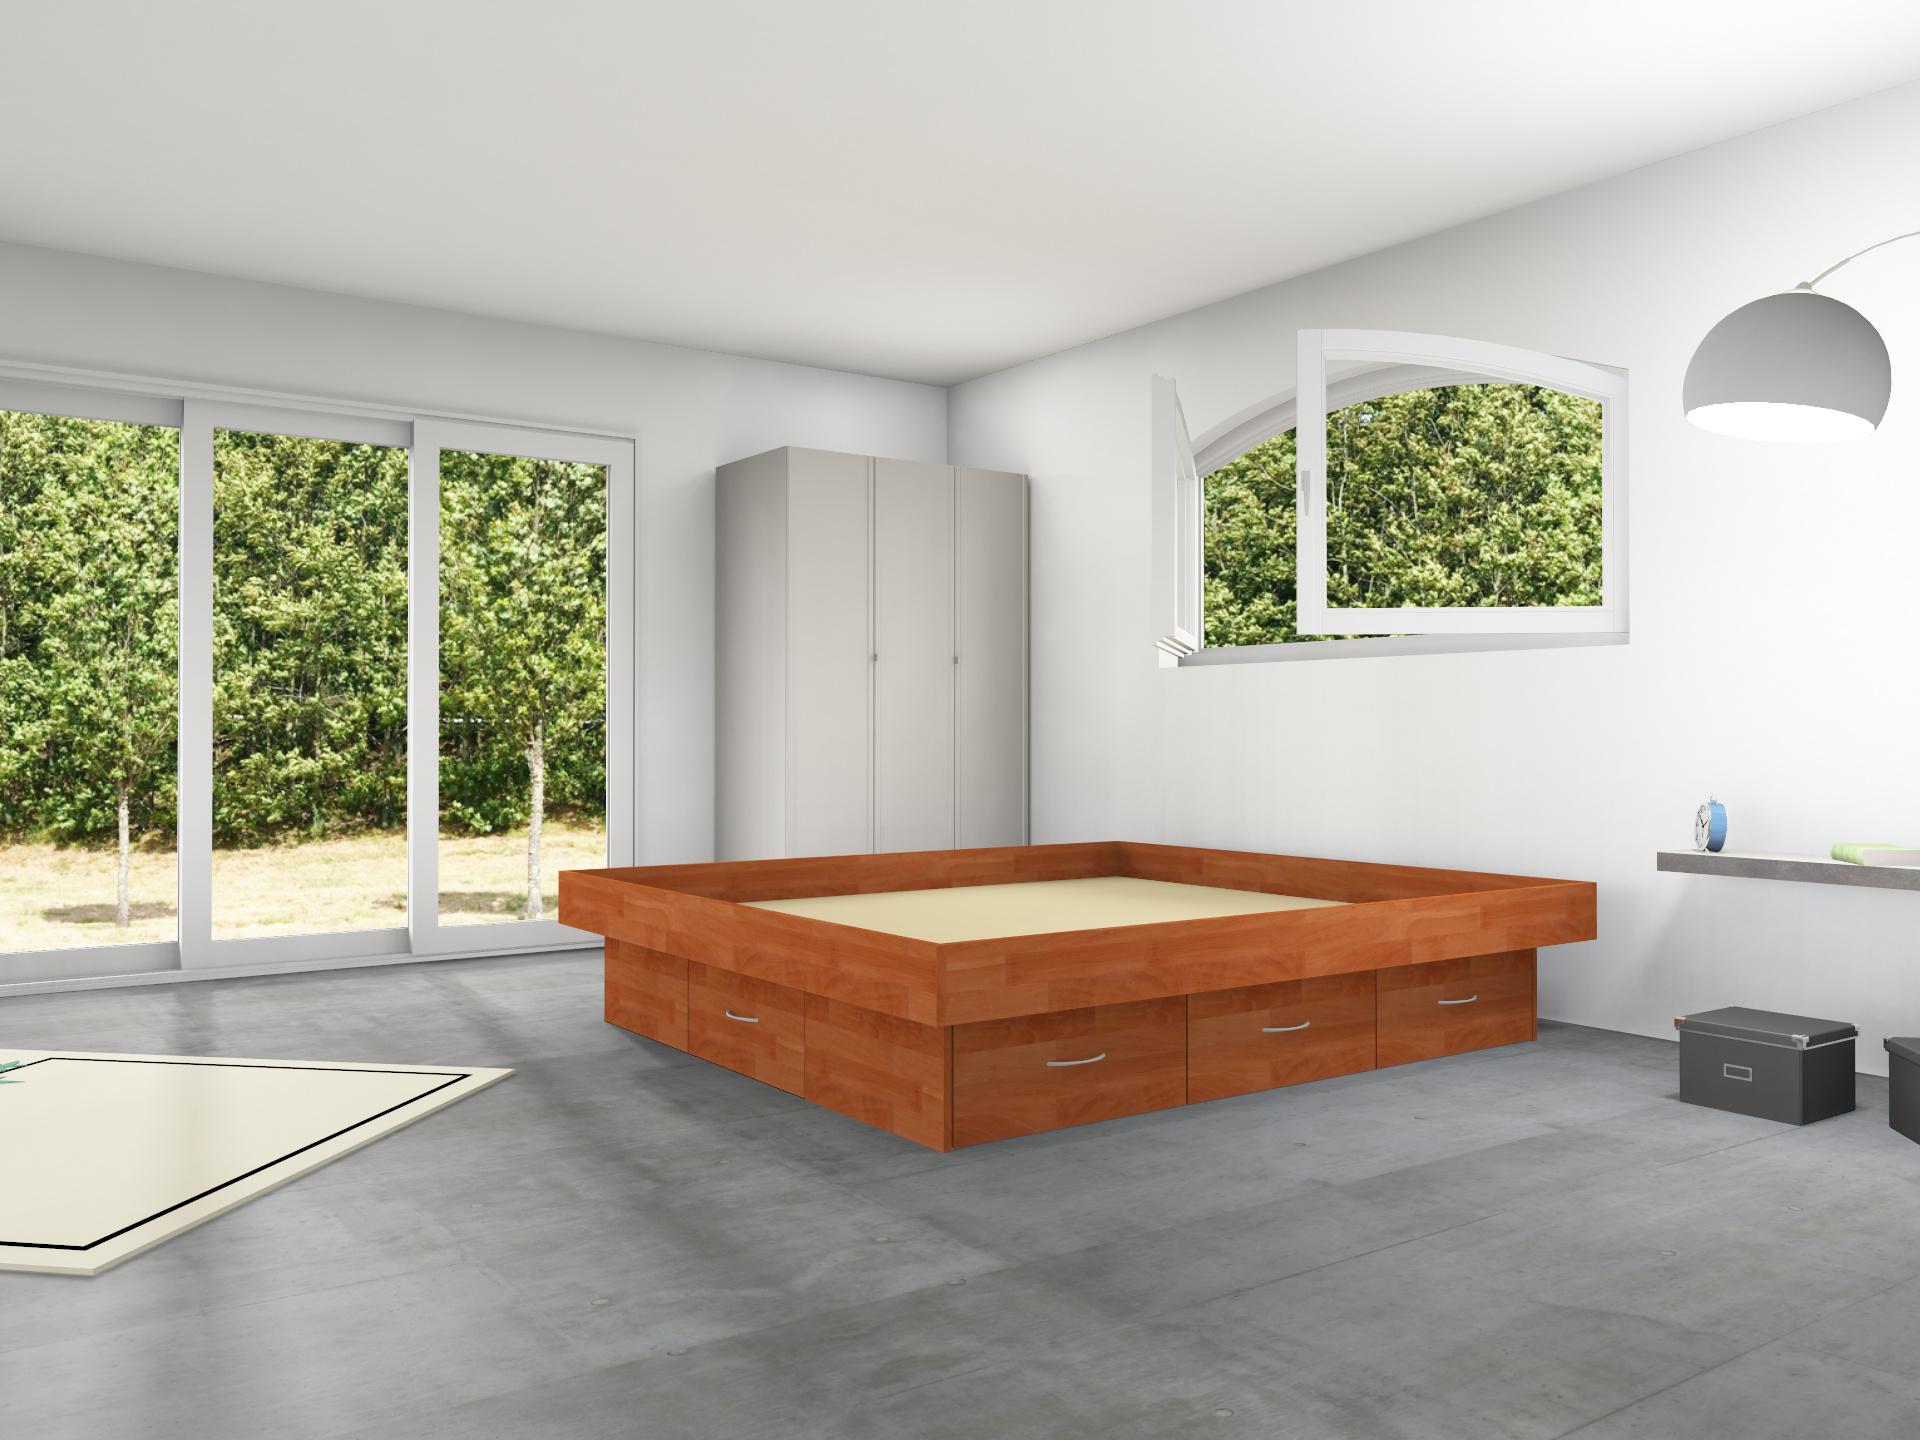 6er Podest Massivholz mit Schubladen inkl. Umrandung für Wasserbetten